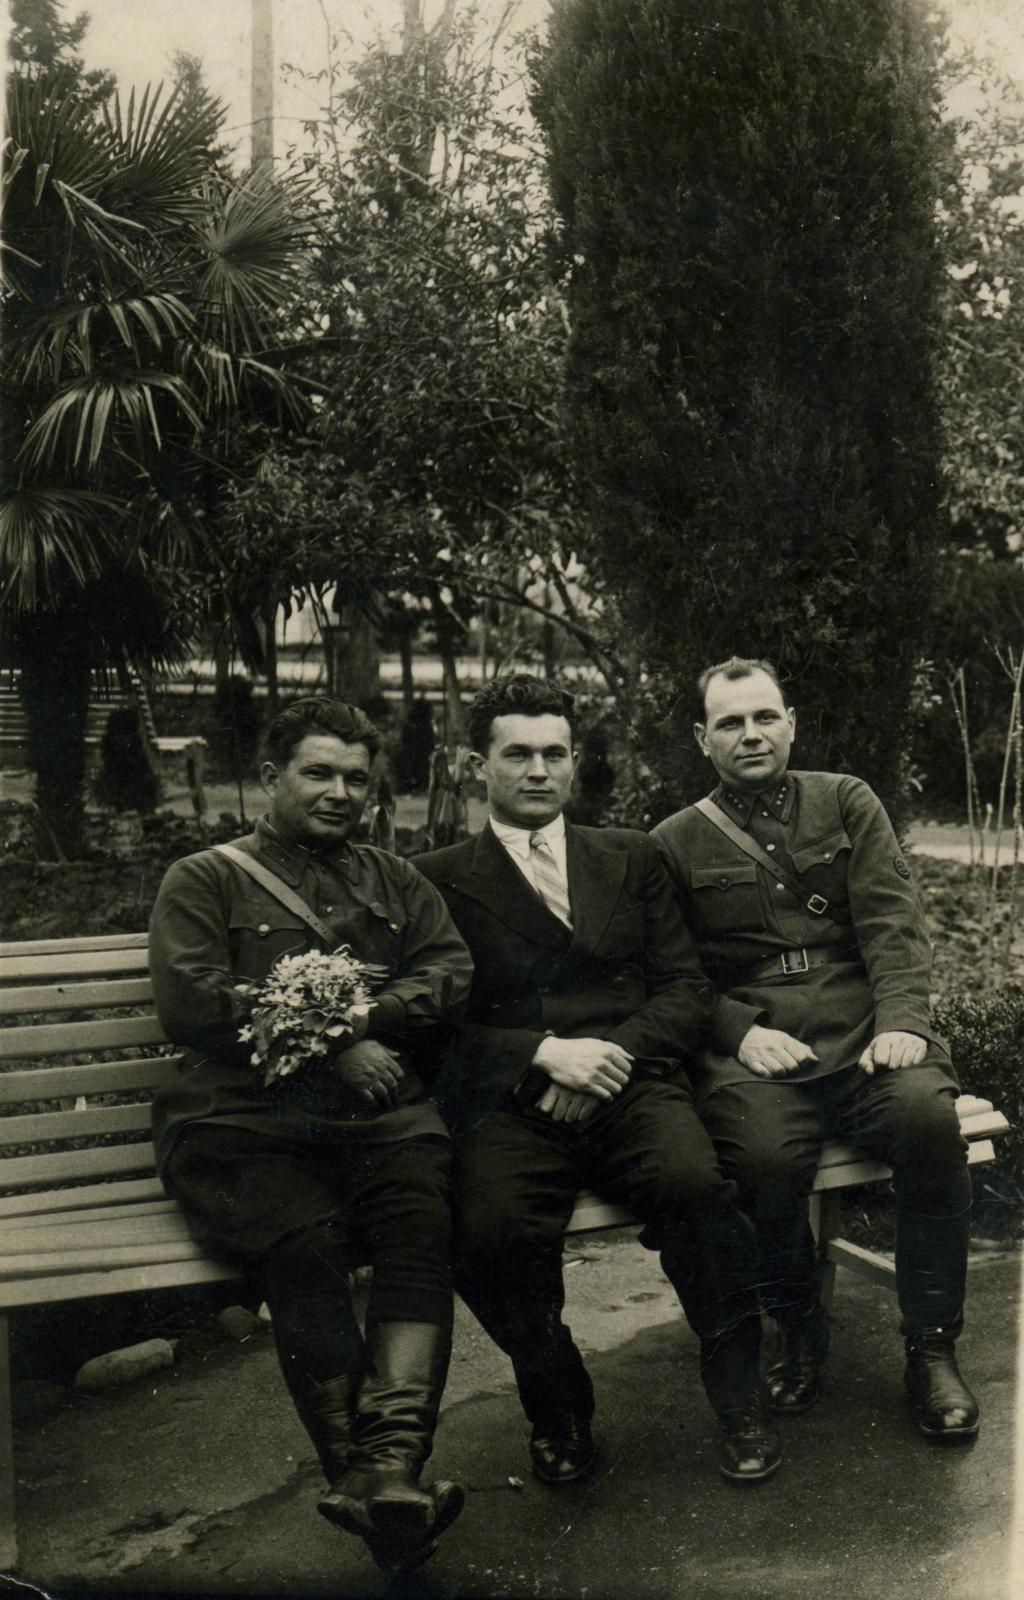 1939 . Капитан пограничных войск НКВД, товарищ в штатском и младший лейтенант государственной безопасности